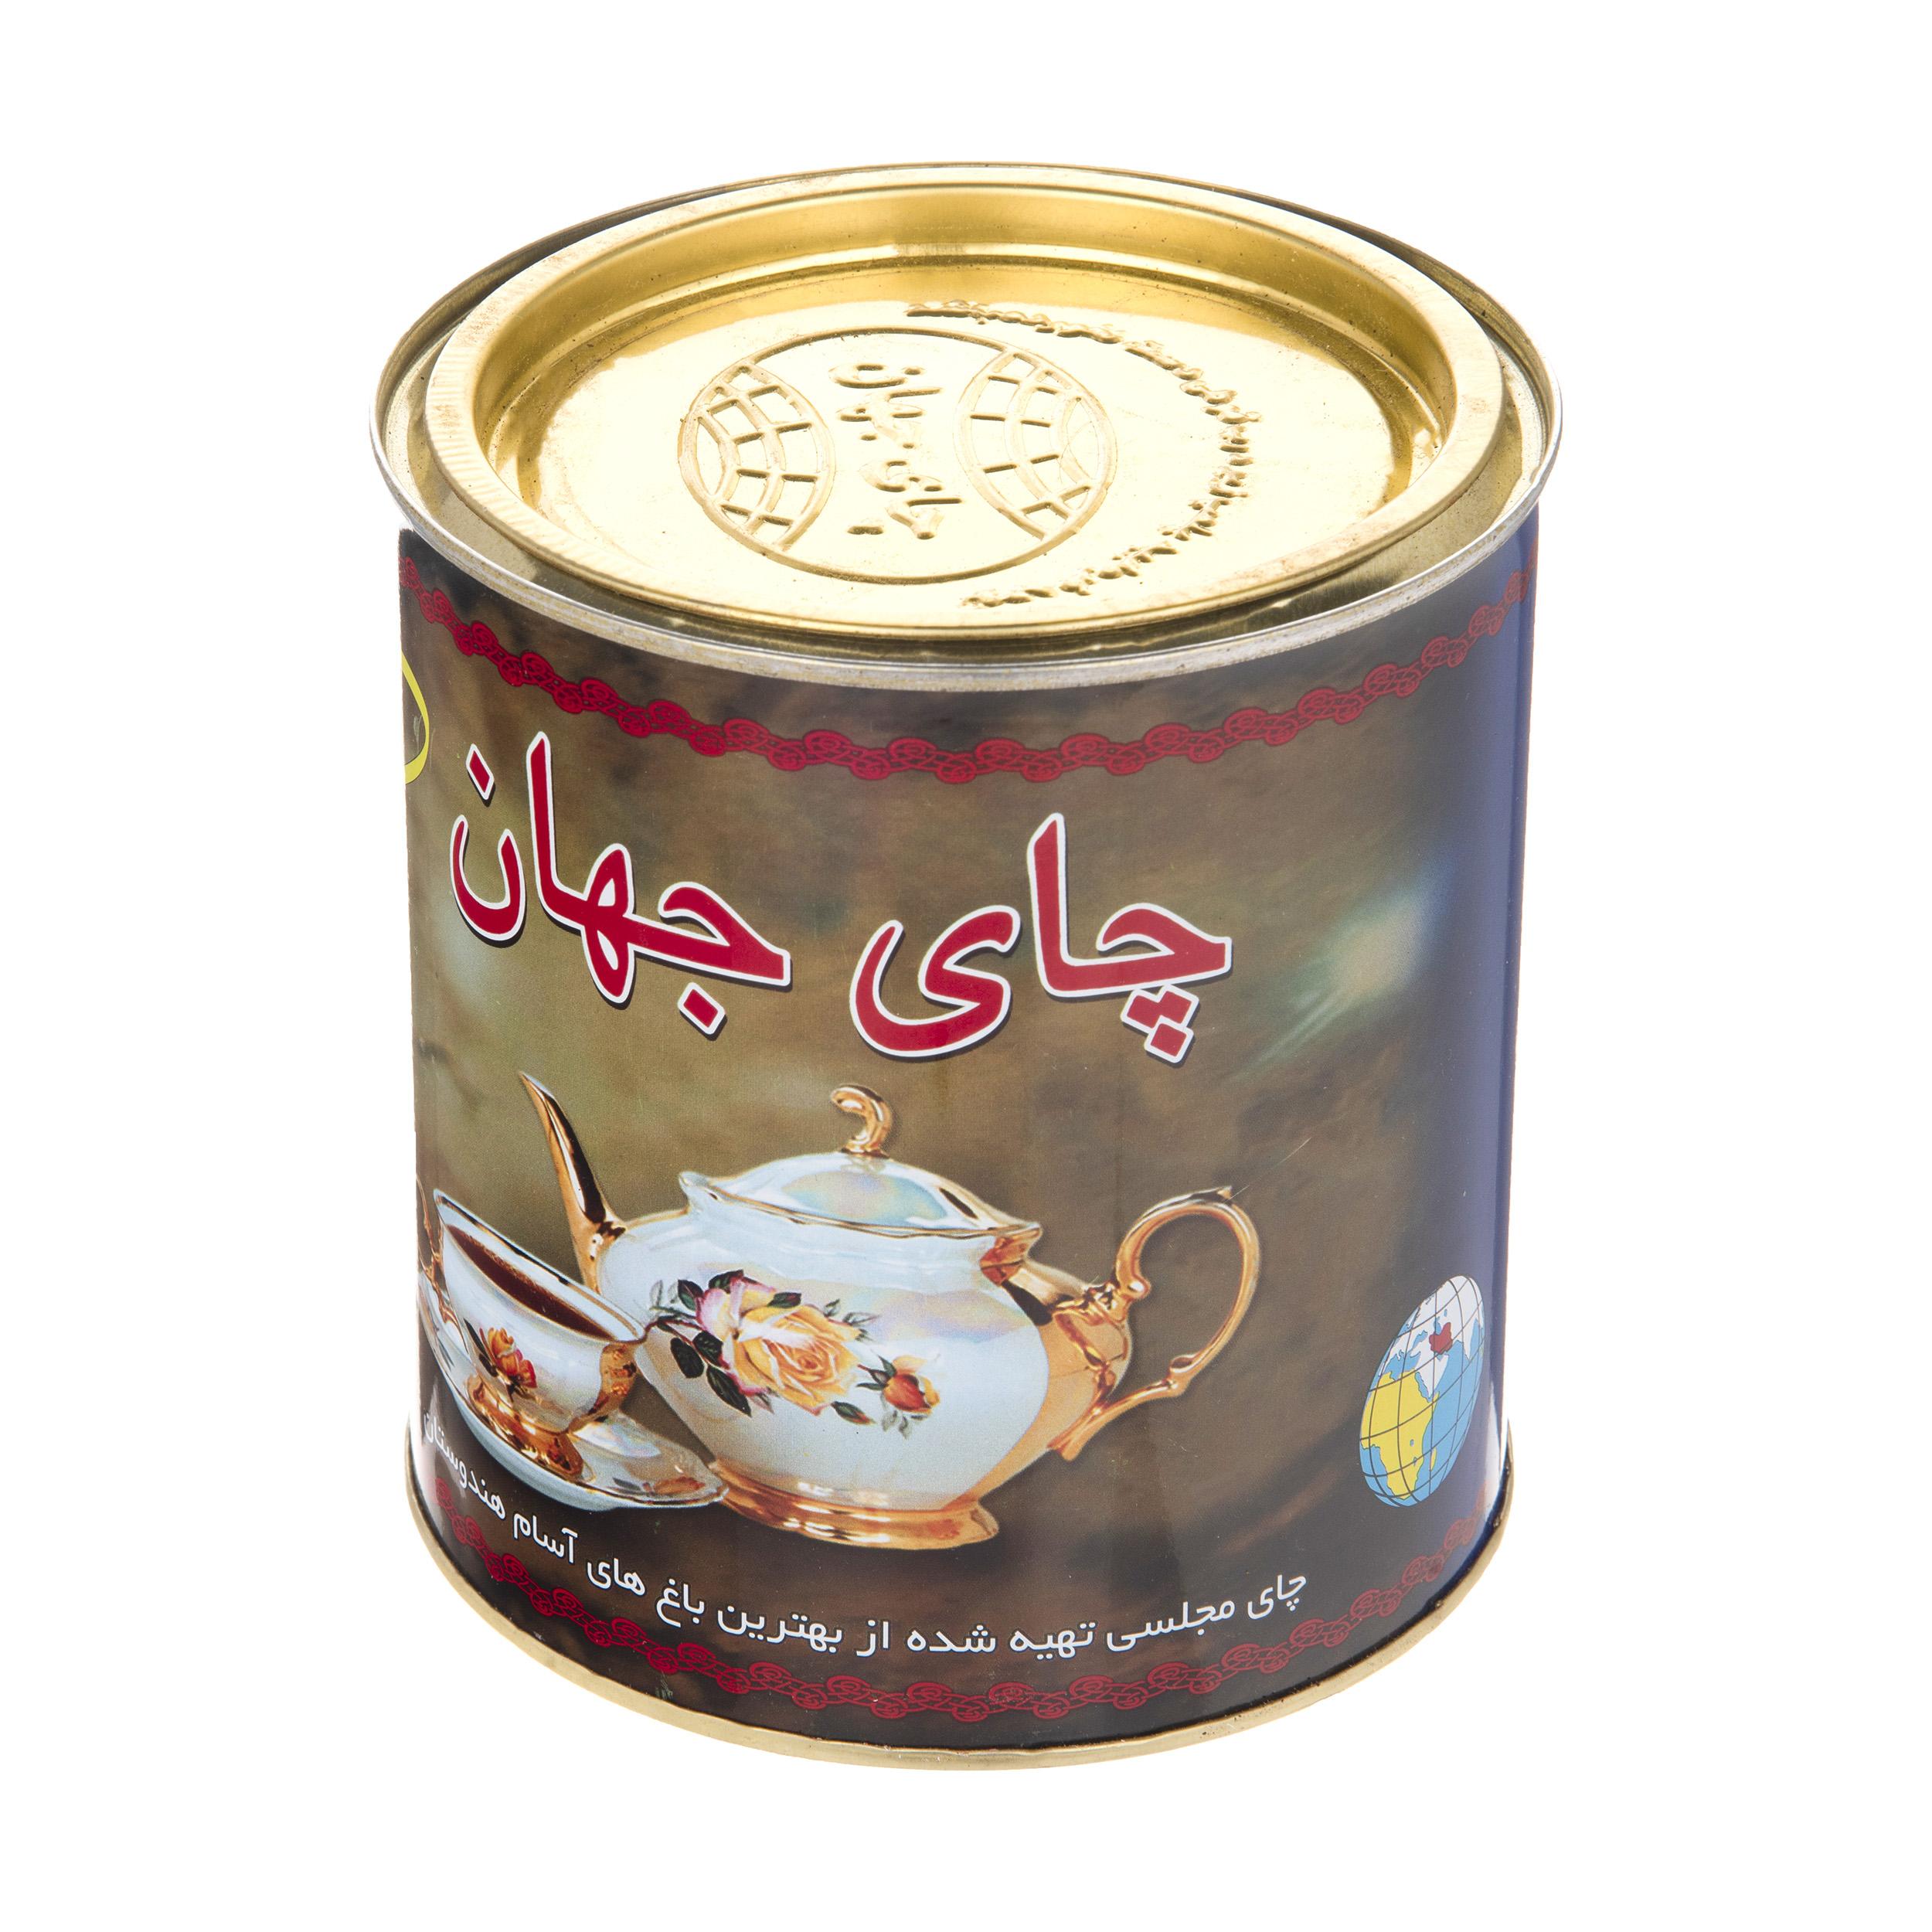 چای سیاه شکسته خارجی جهان مقدار 450 گرم